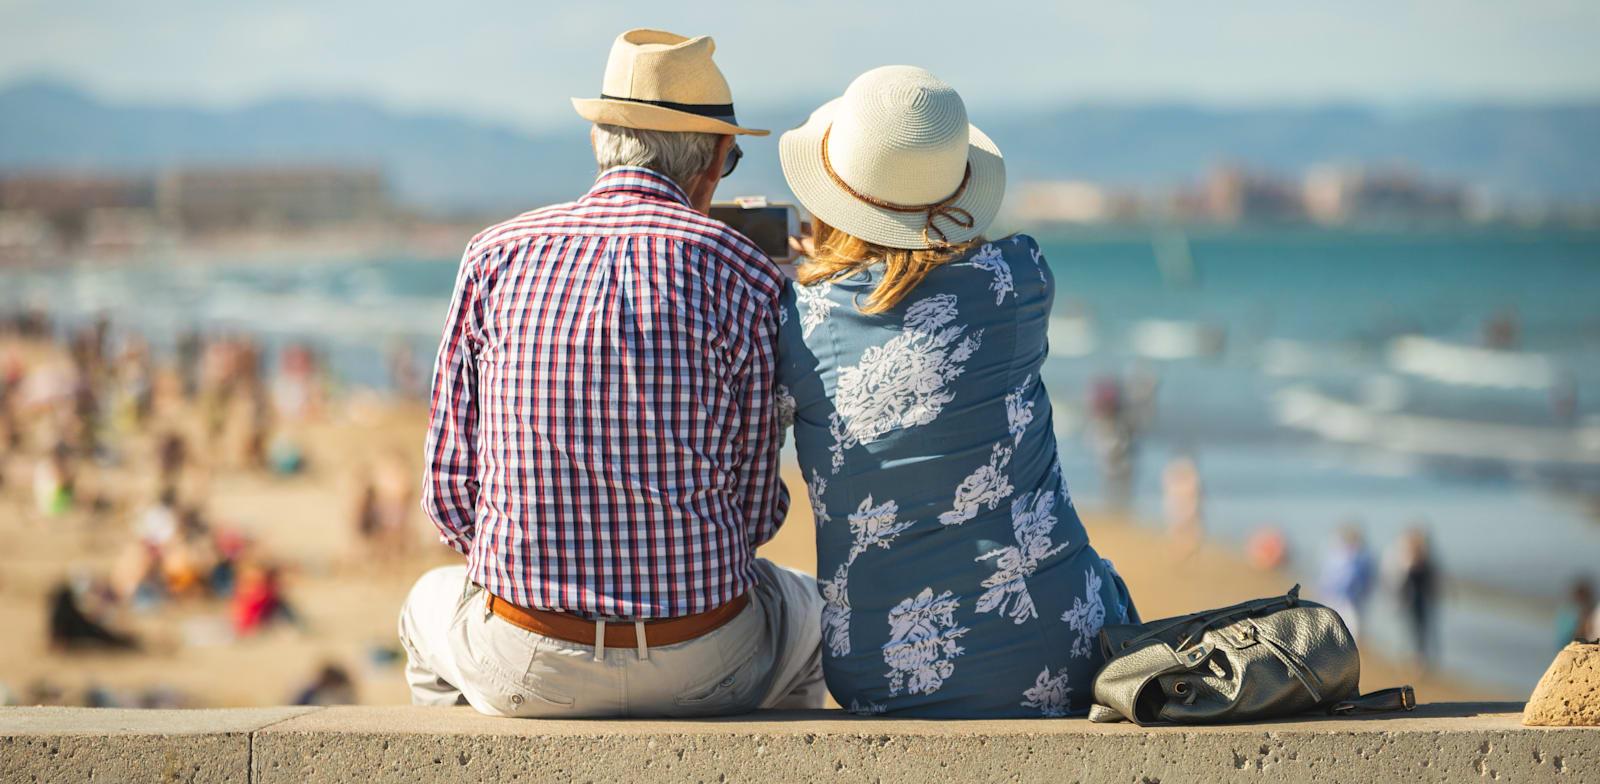 פרישה / צילום: Shutterstock, Daniel Myjones